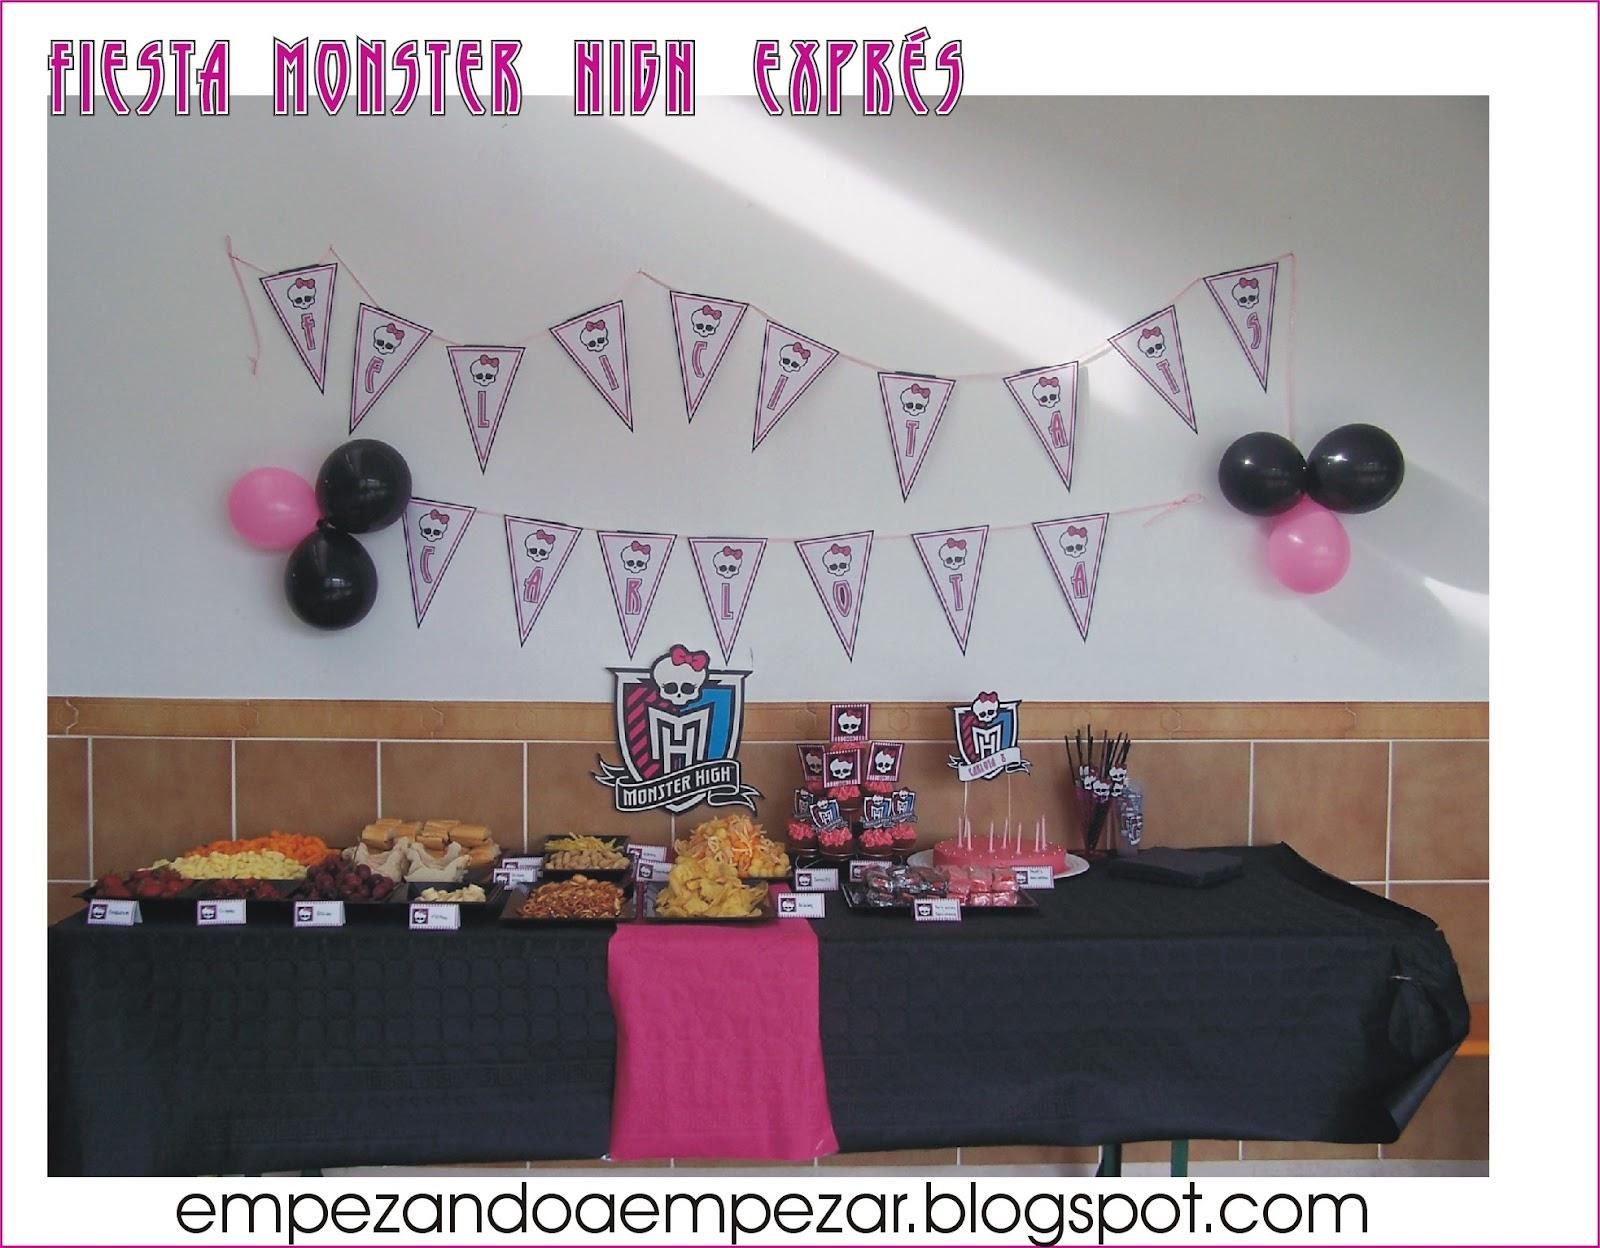 EMPEZANDO A EMPEZAR: Fiesta Cumpleaños Monster High y fiesta pijama